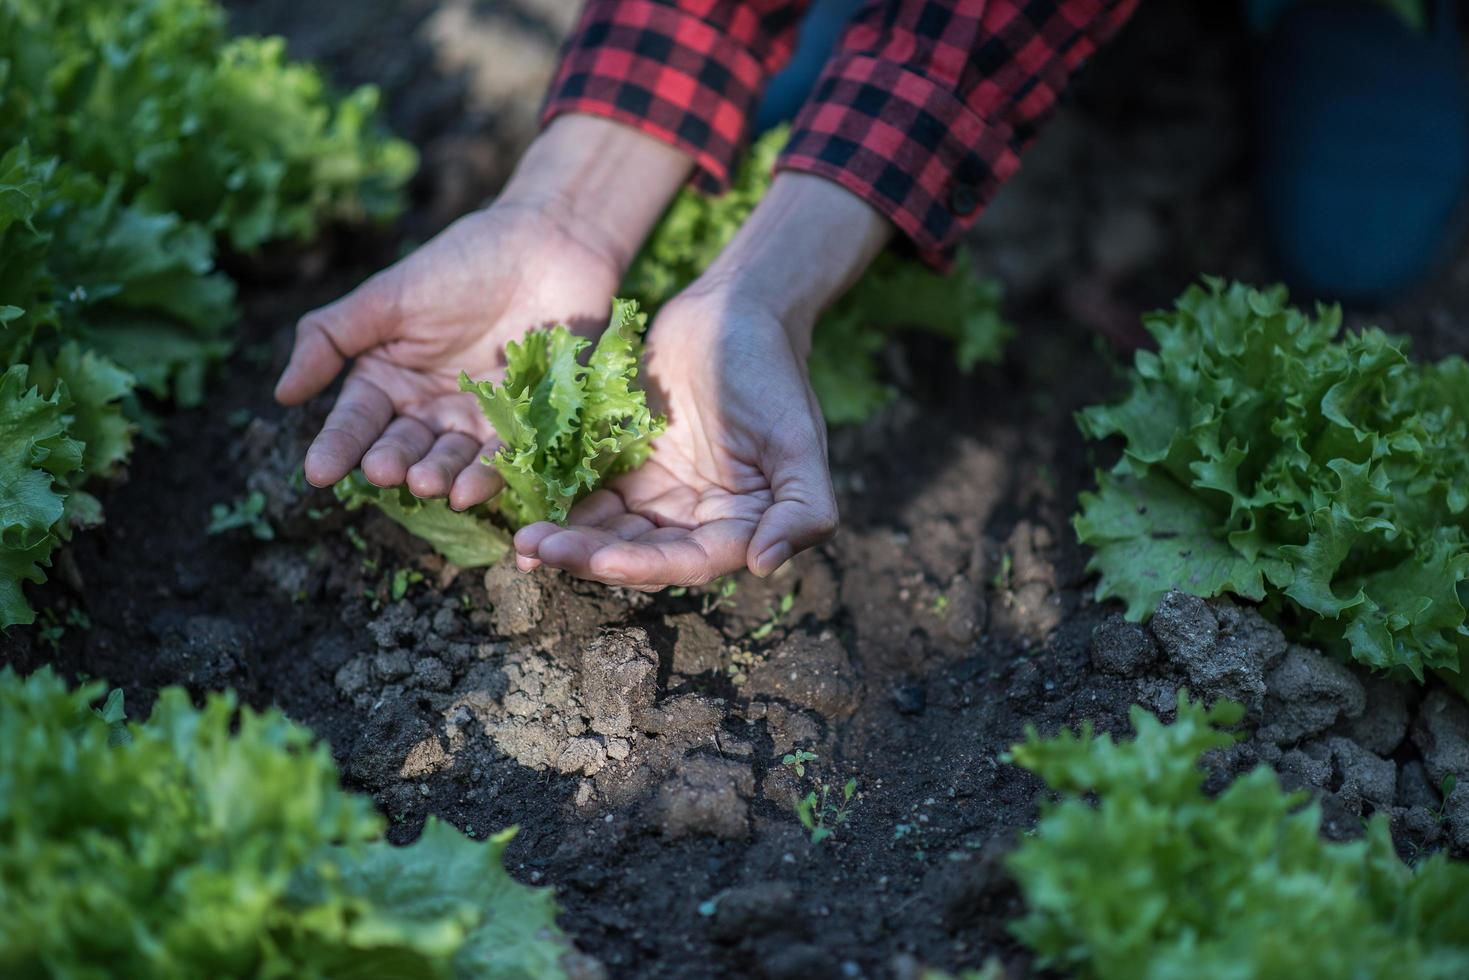 une femme plantant soigneusement des semis photo